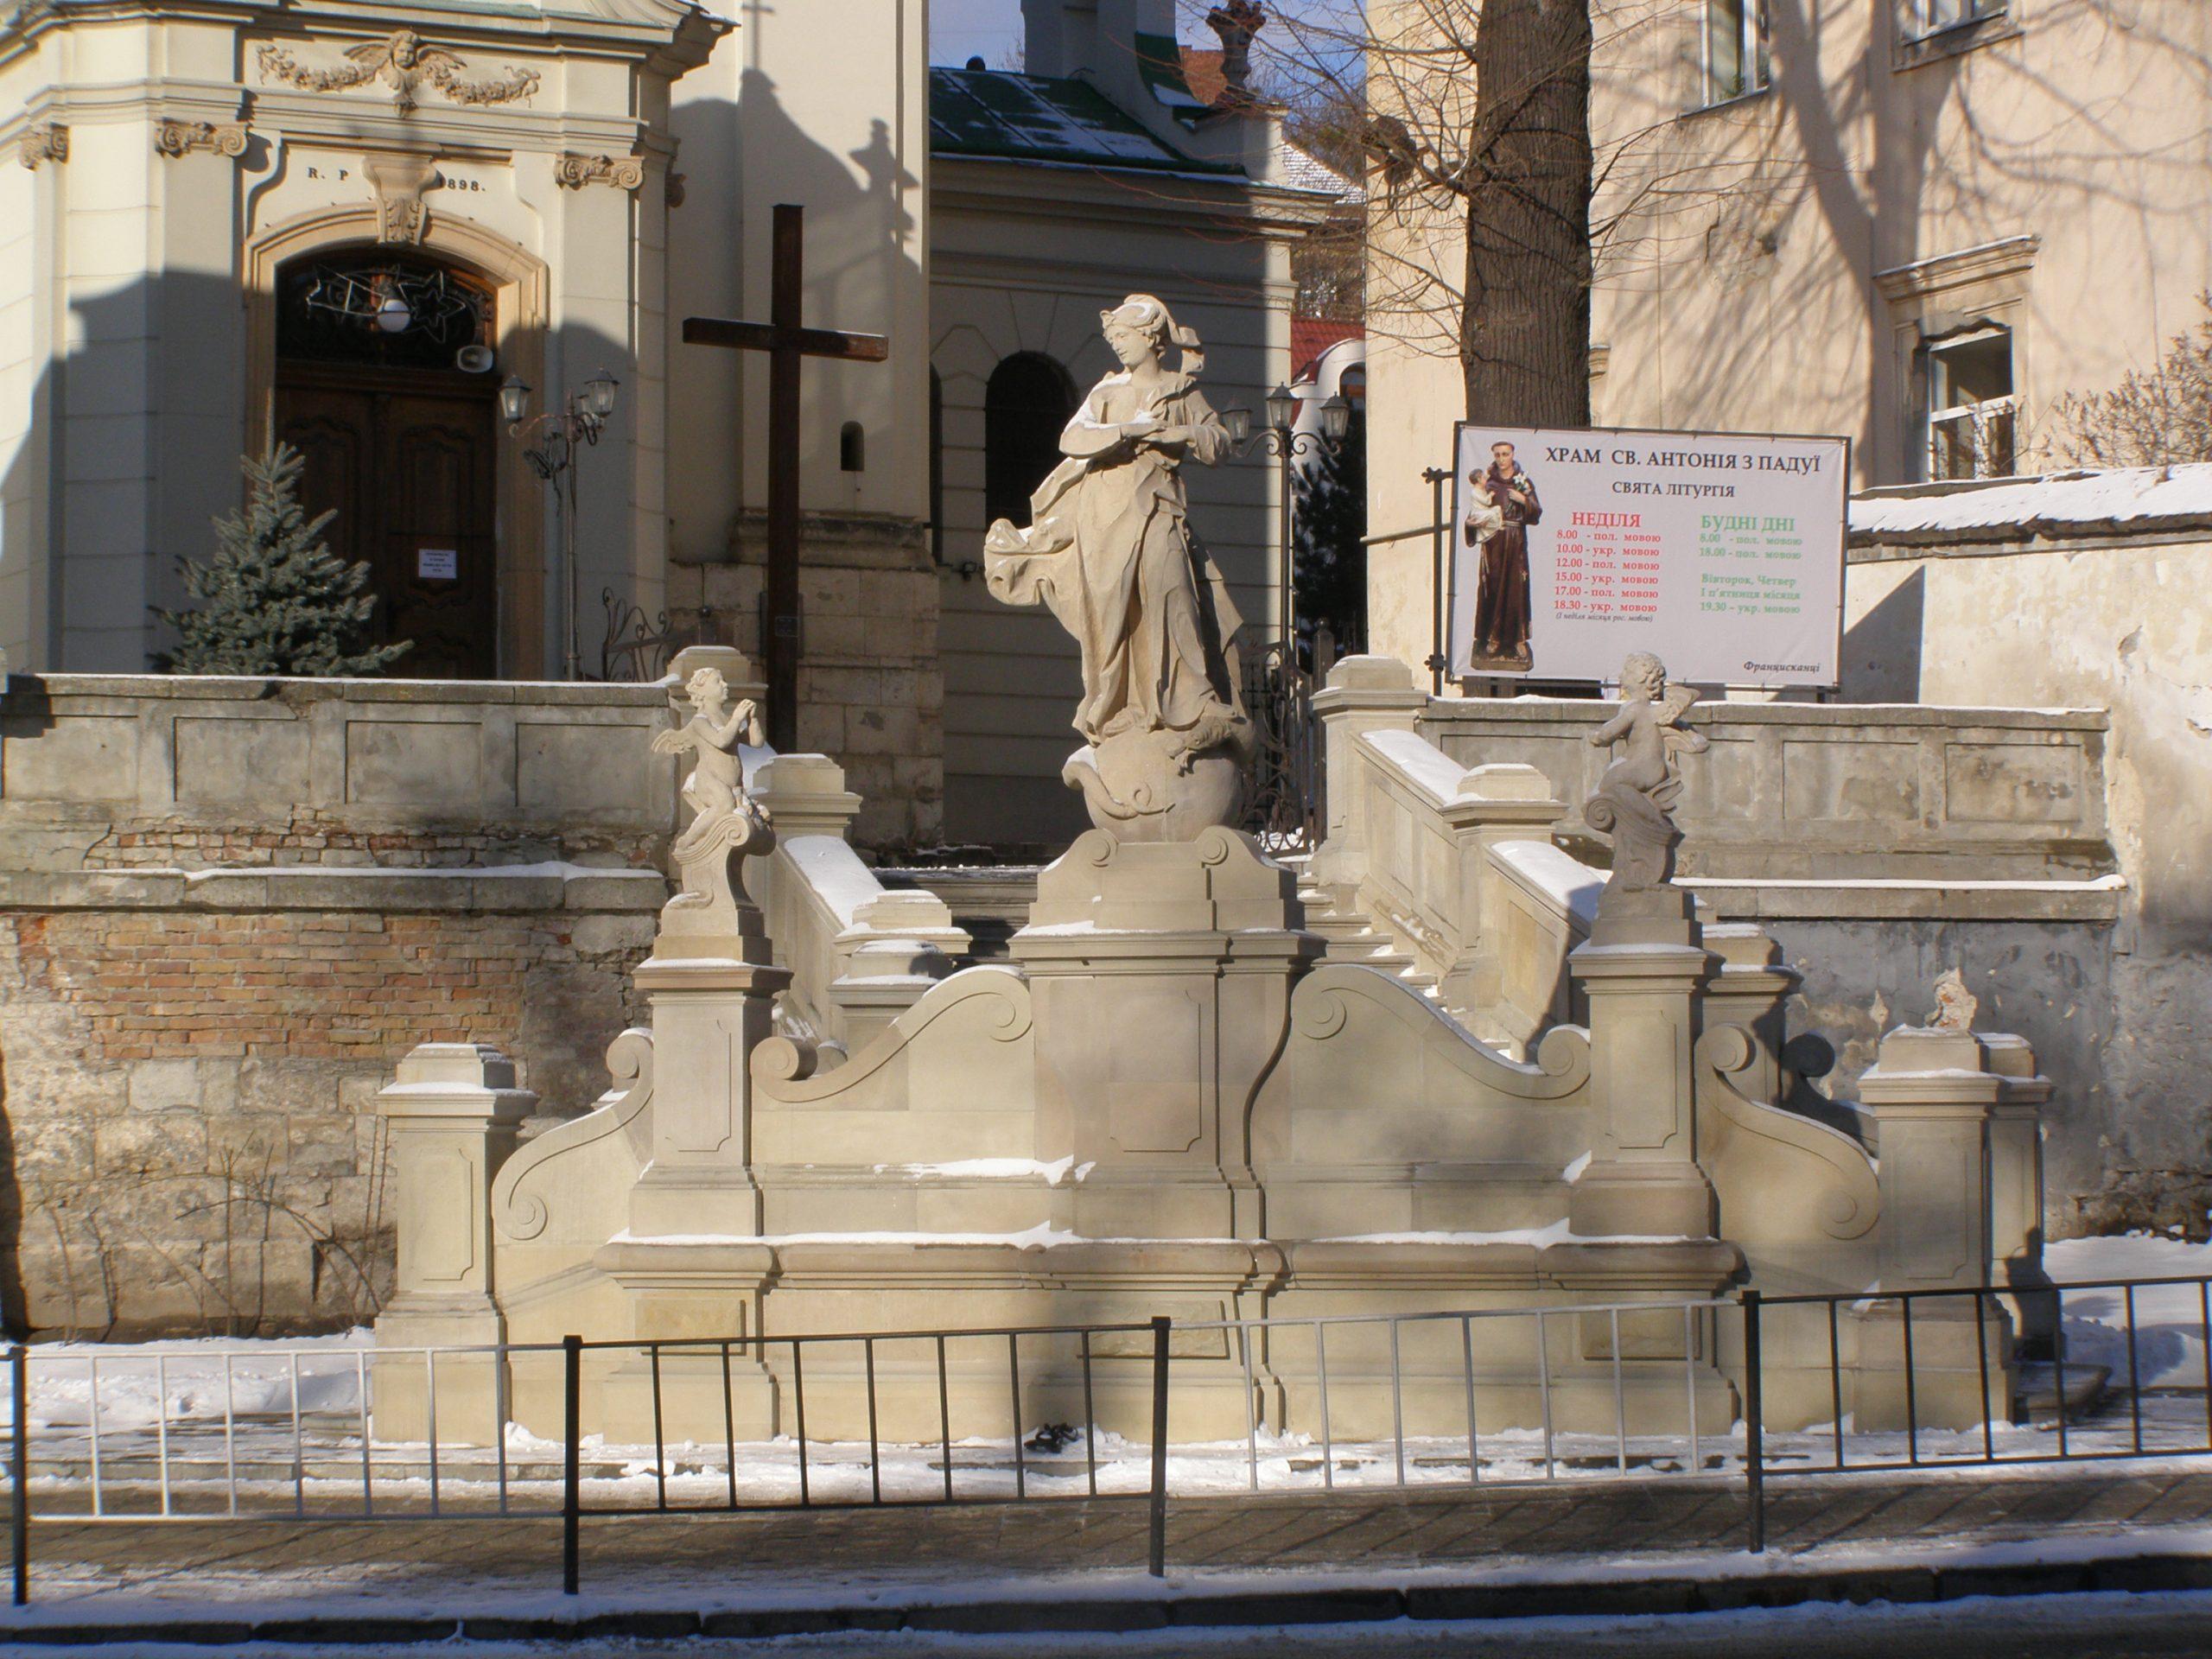 Prace konserwatorskie we Lwowie trwają nawet zimą